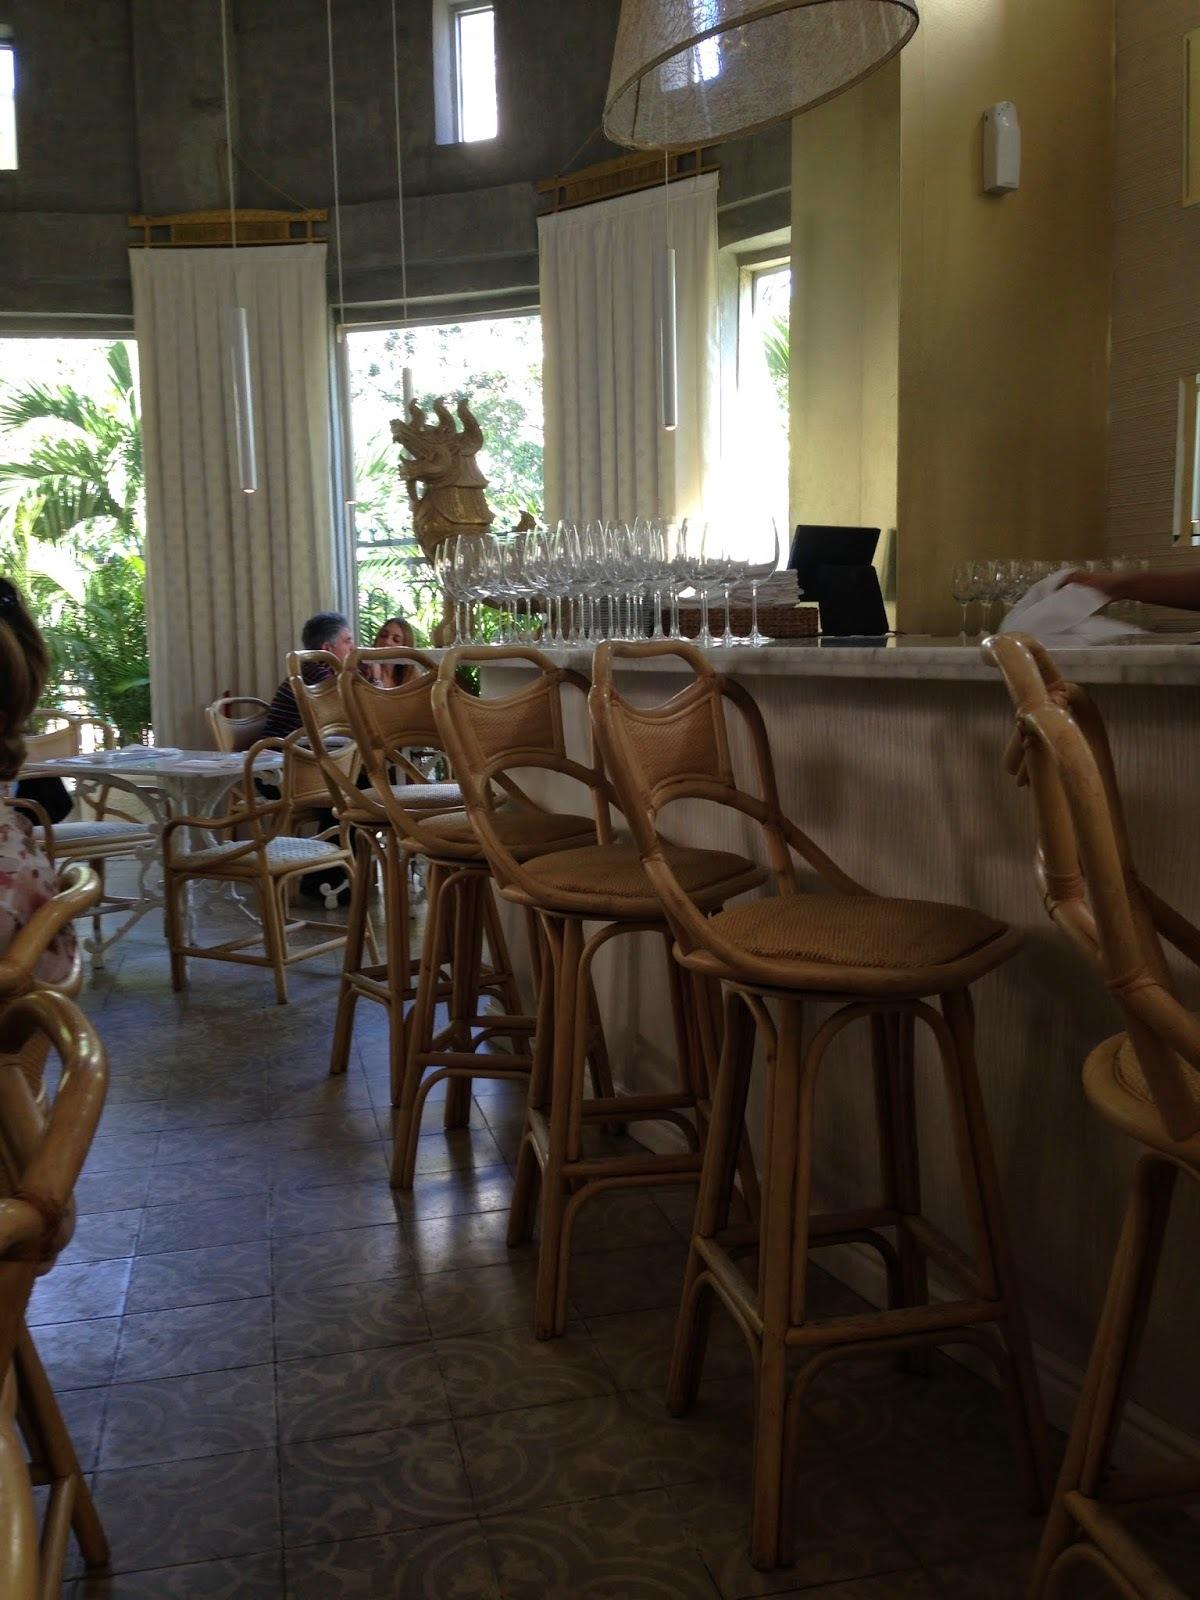 Dónde comer en Caracas - Venezuela - Otras opciones